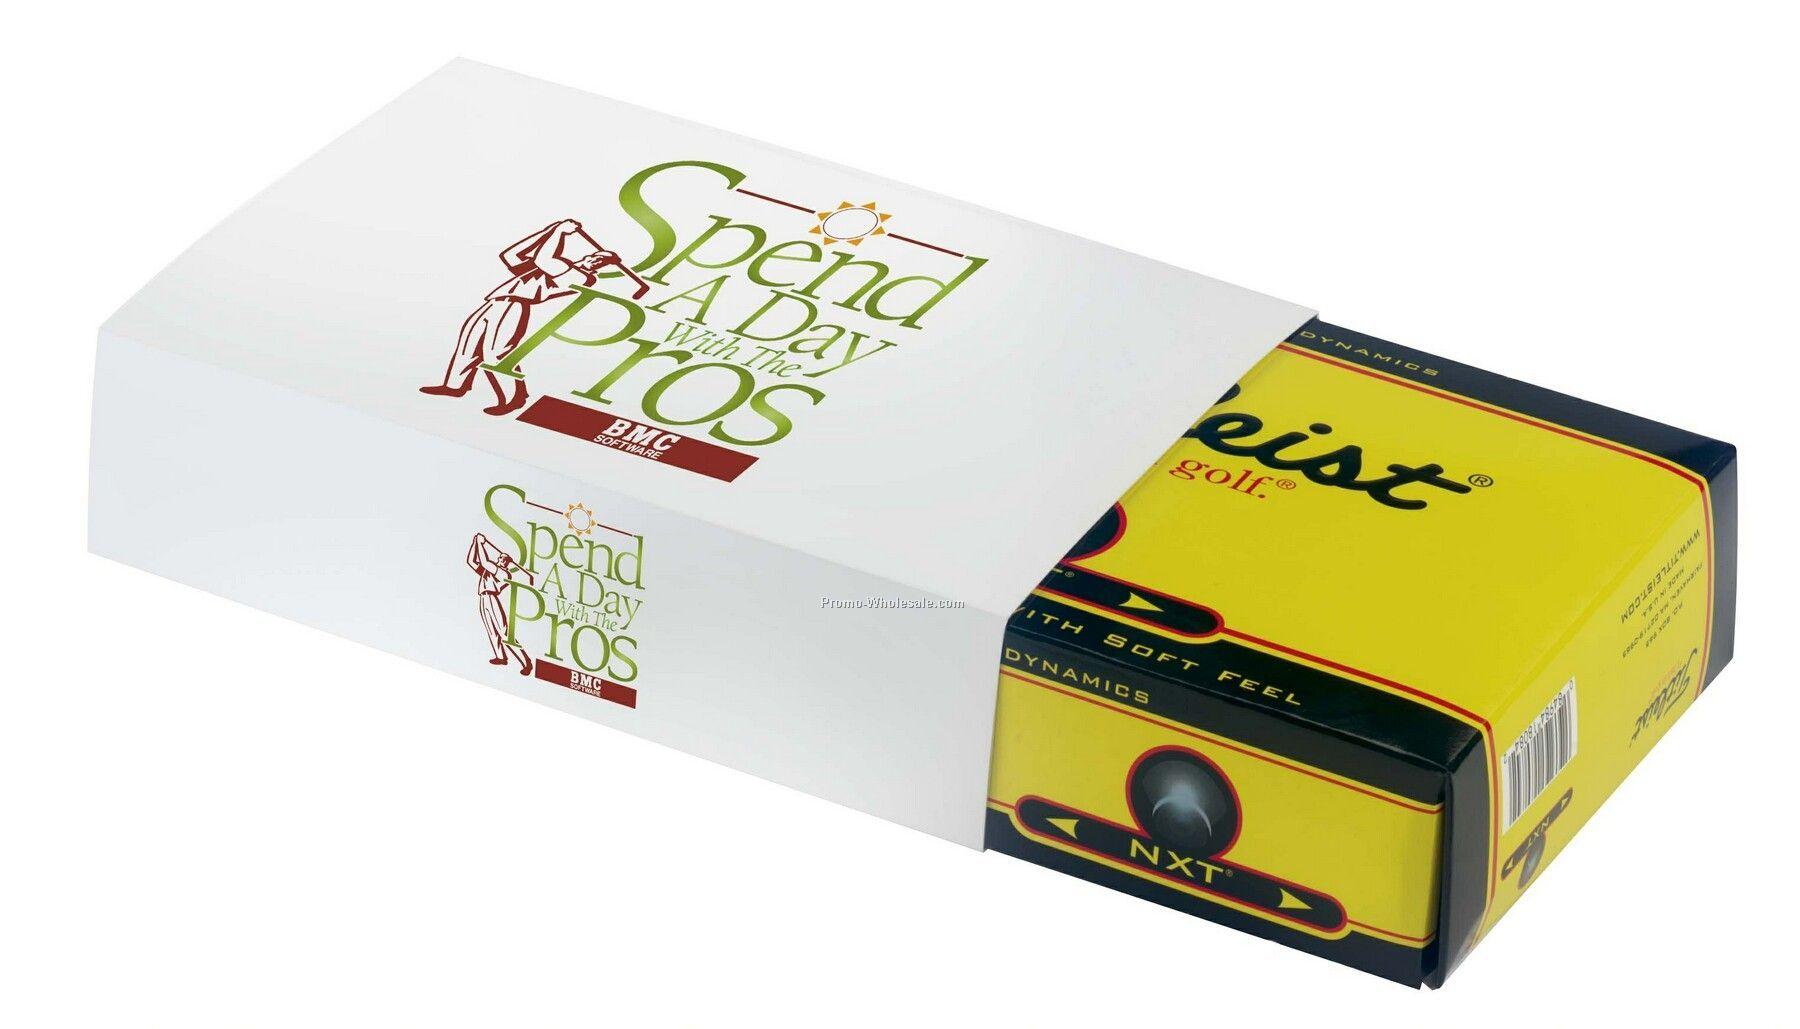 Tee Off Norwood Custom Sleeve For Titleist, Pinnacle Or Maxfli Golf Balls